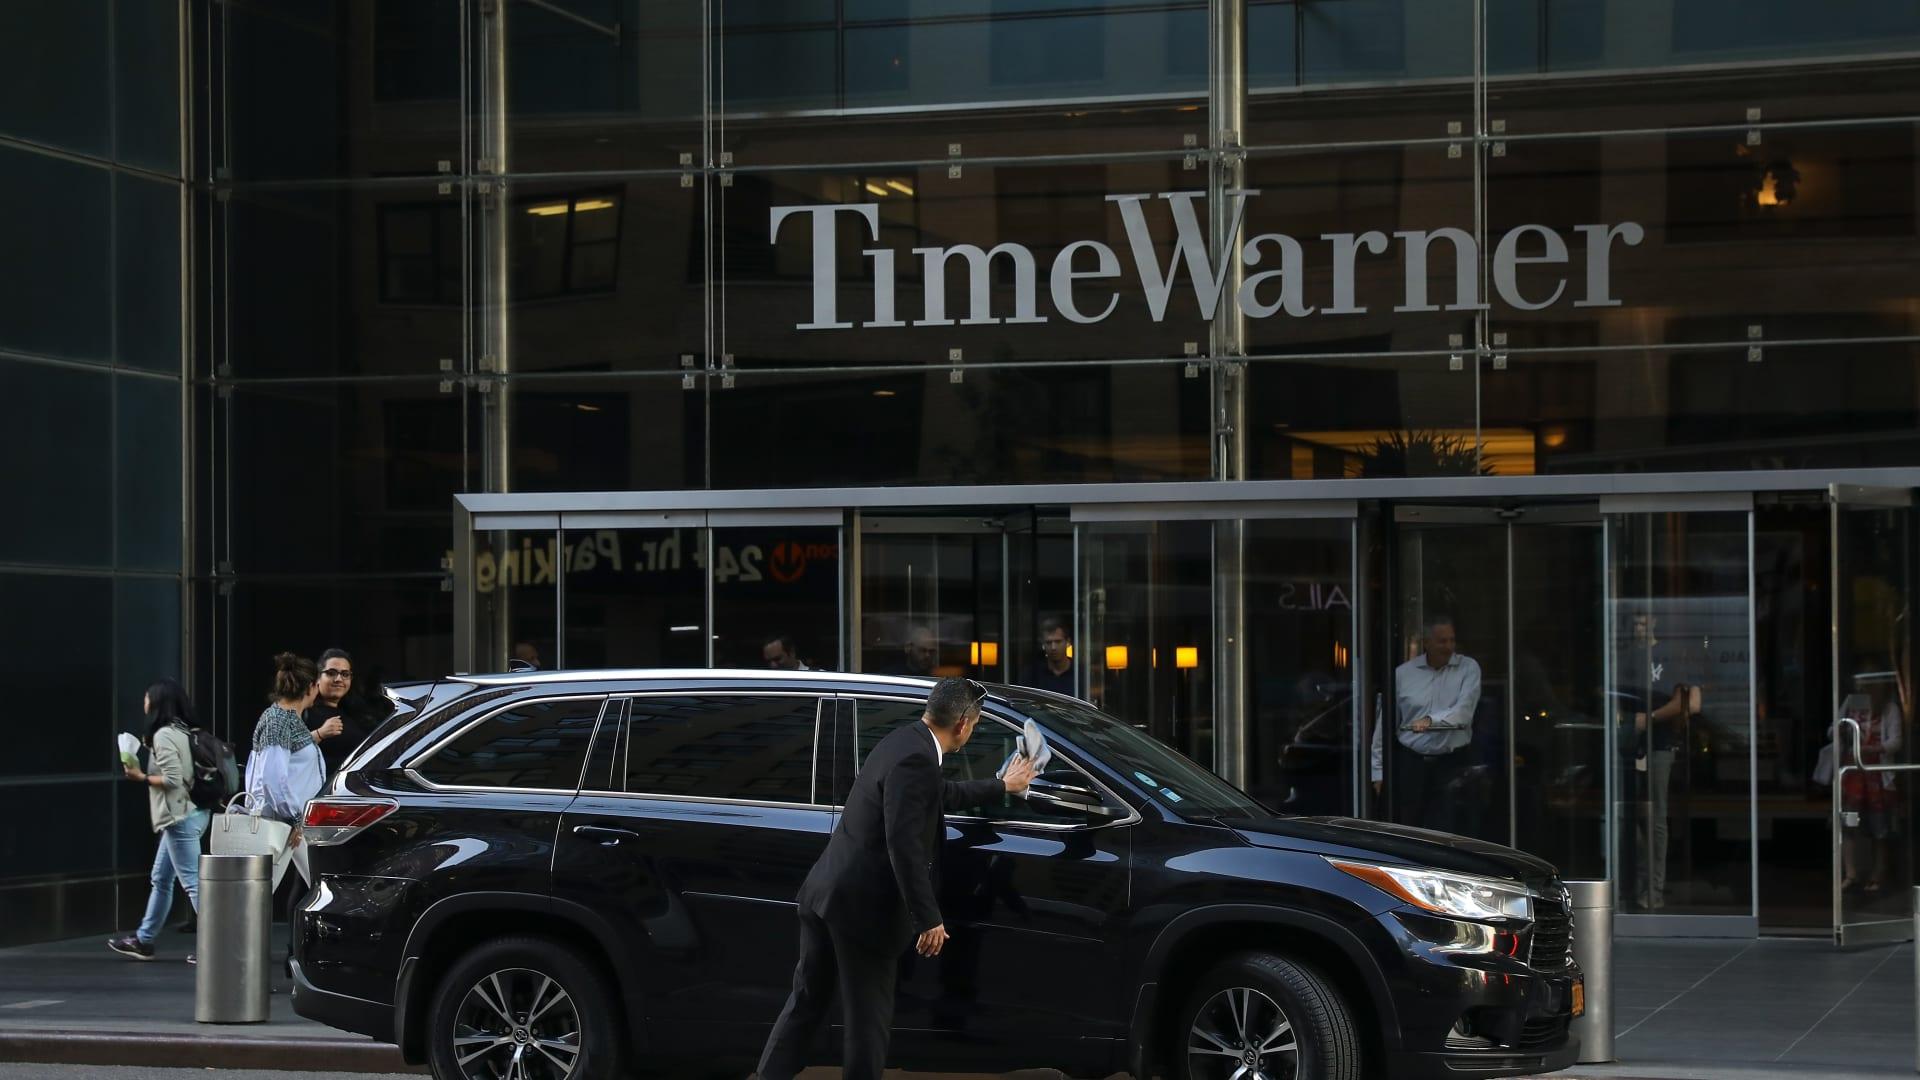 """شرطة نيويورك تتعامل مع """"طرد مشبوه"""" في مقر CNN.. وإخلاء المكاتب كإجراء احترازي"""